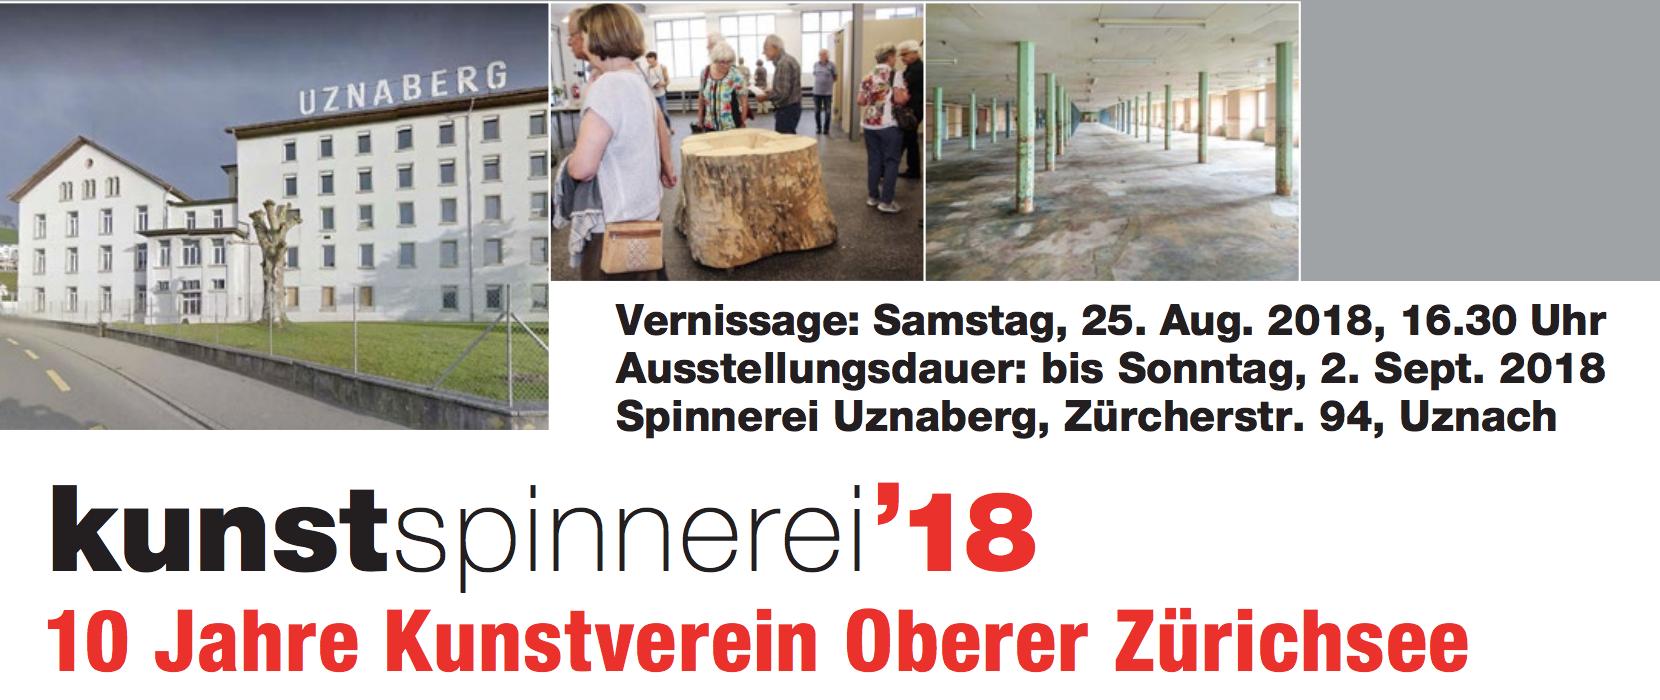 Thomas Hausenbaur an der kunstspinnerei 18 - 10 Jahre Kunstverein Oberer Zürichsee